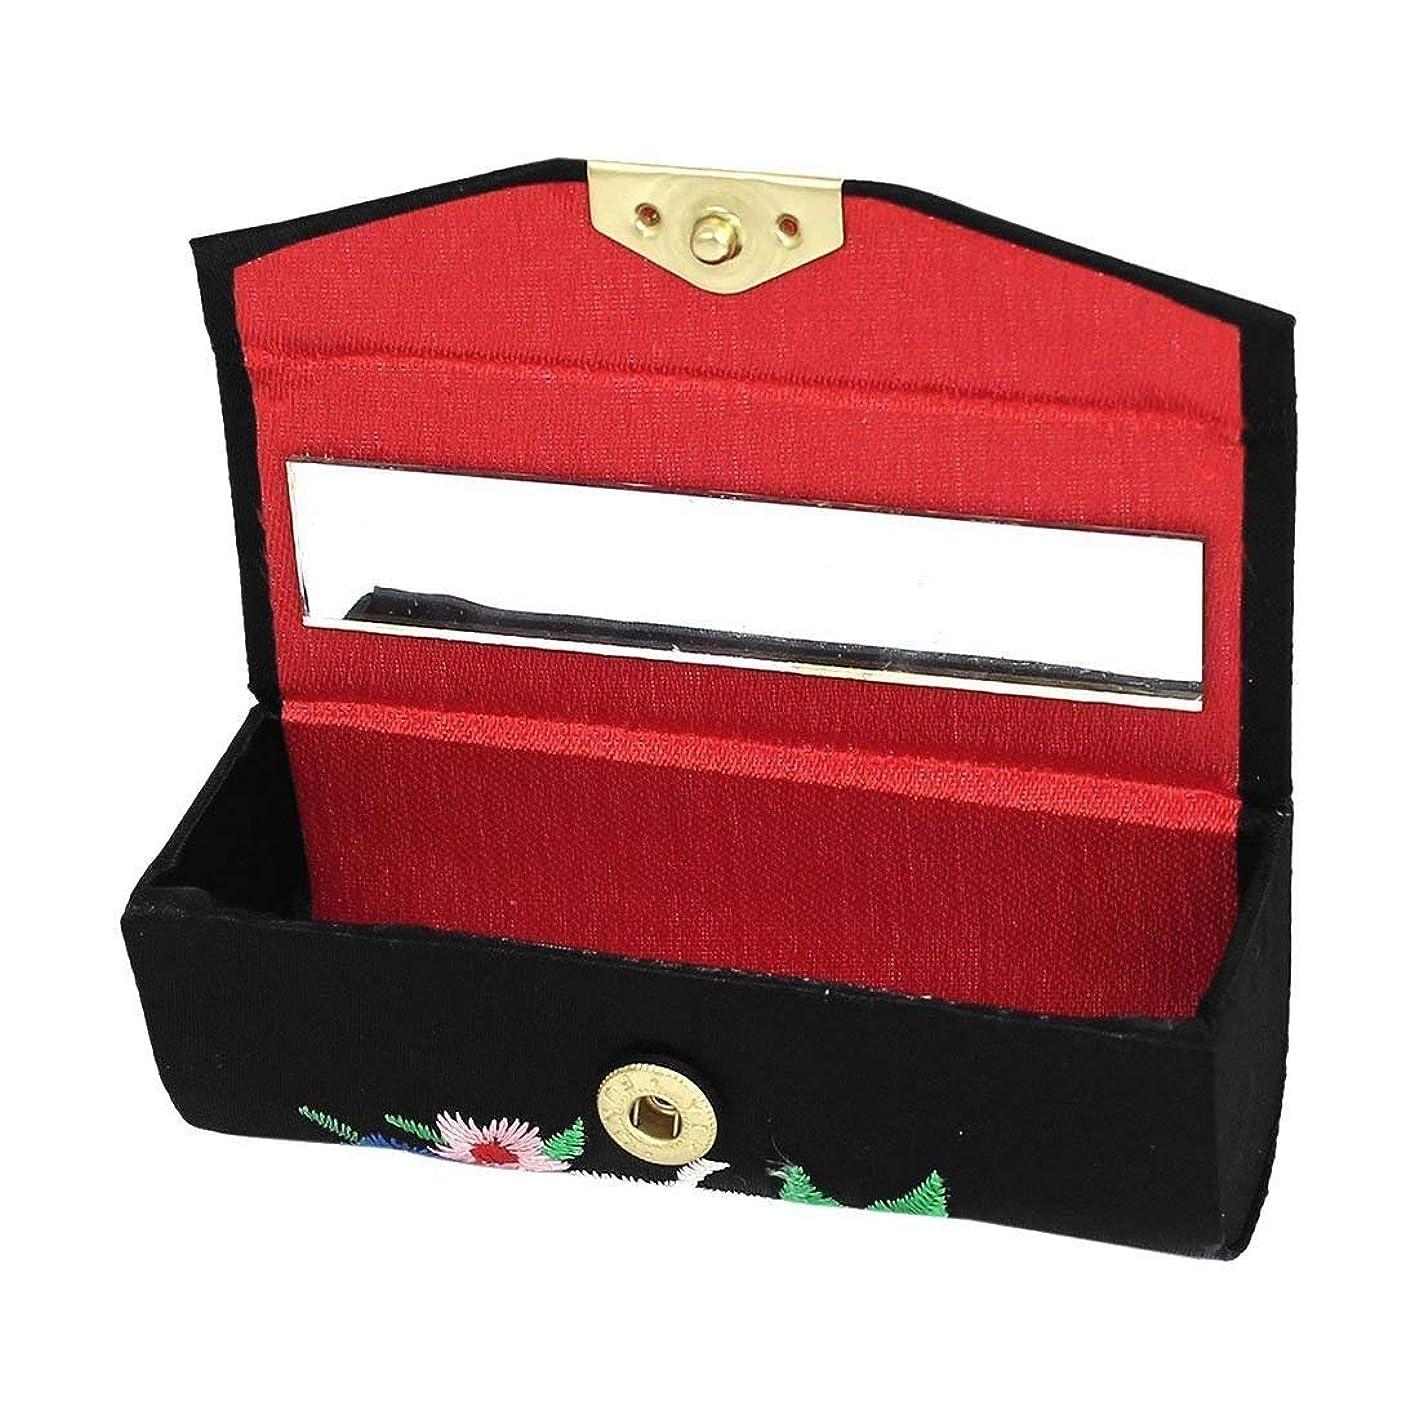 注釈未来マオリ1st market プレミアム品質花刺繍レディー口紅リップチャップスティック化粧ケースボックスブラック